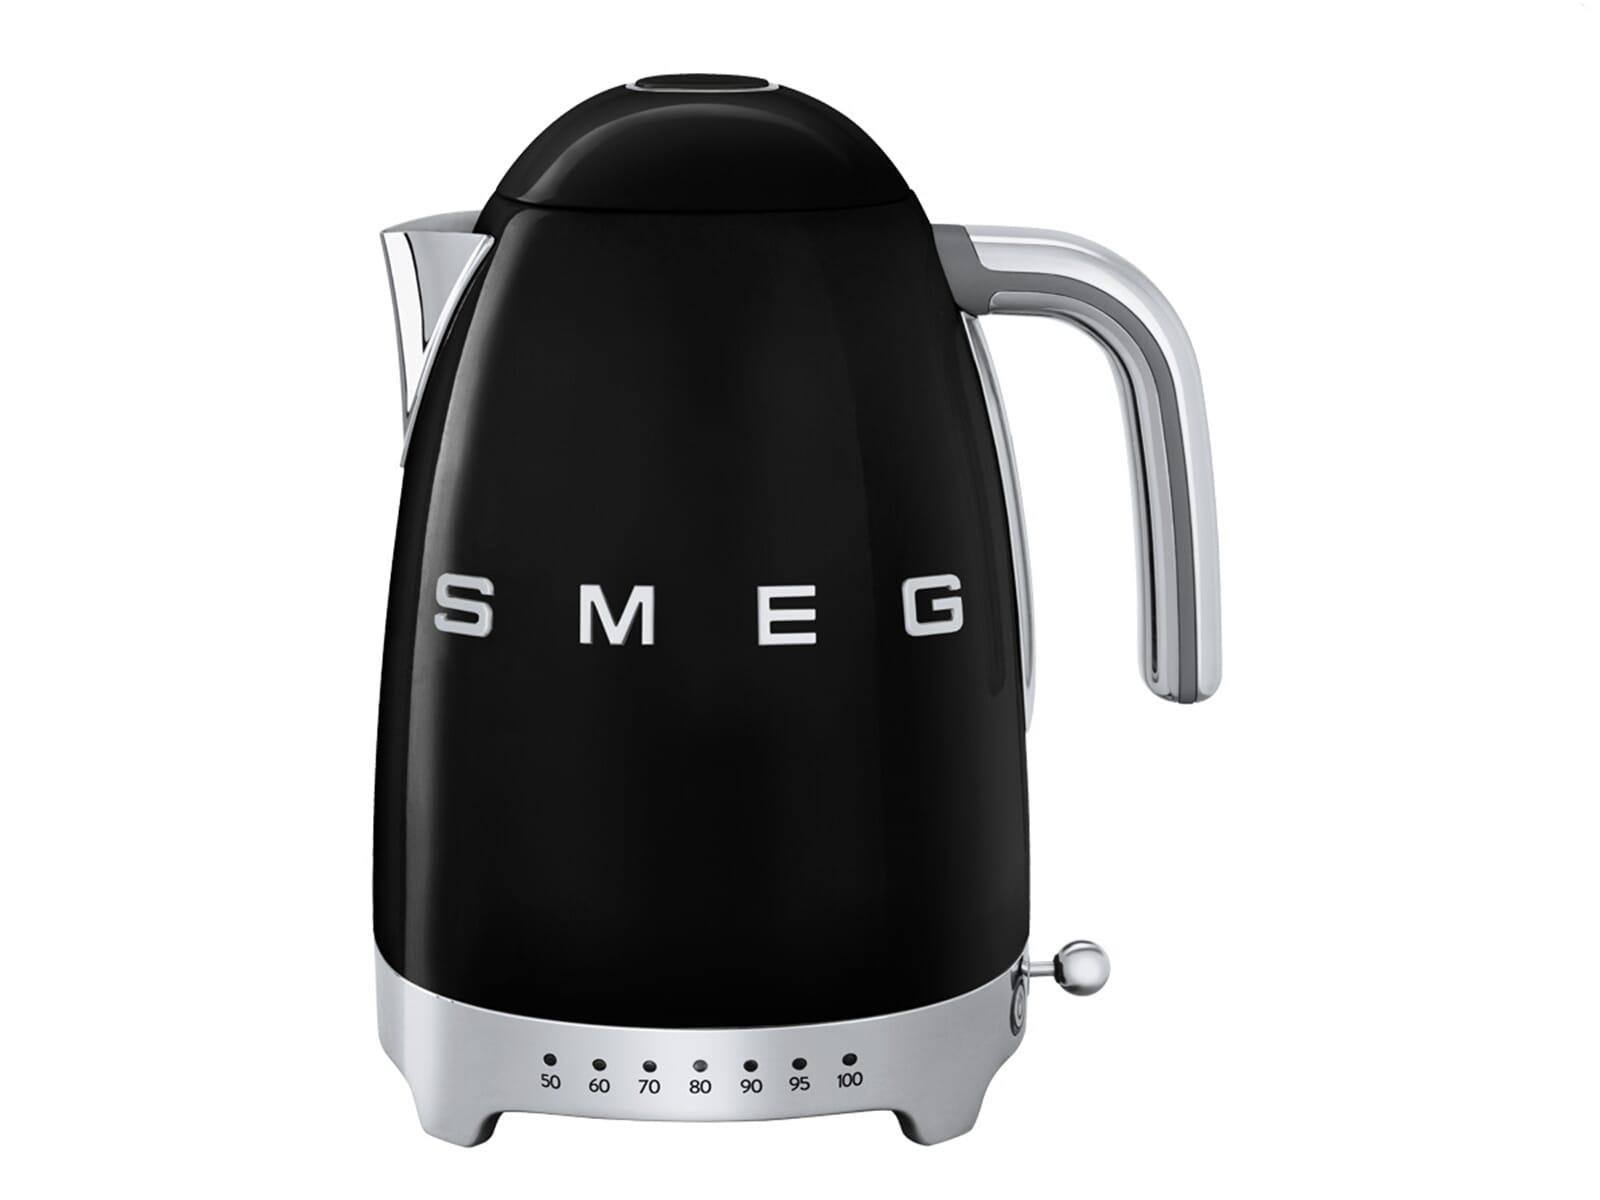 Smeg Kühlschrank Wasser Läuft Aus : Smeg klf bleu wasserkocher schwarz